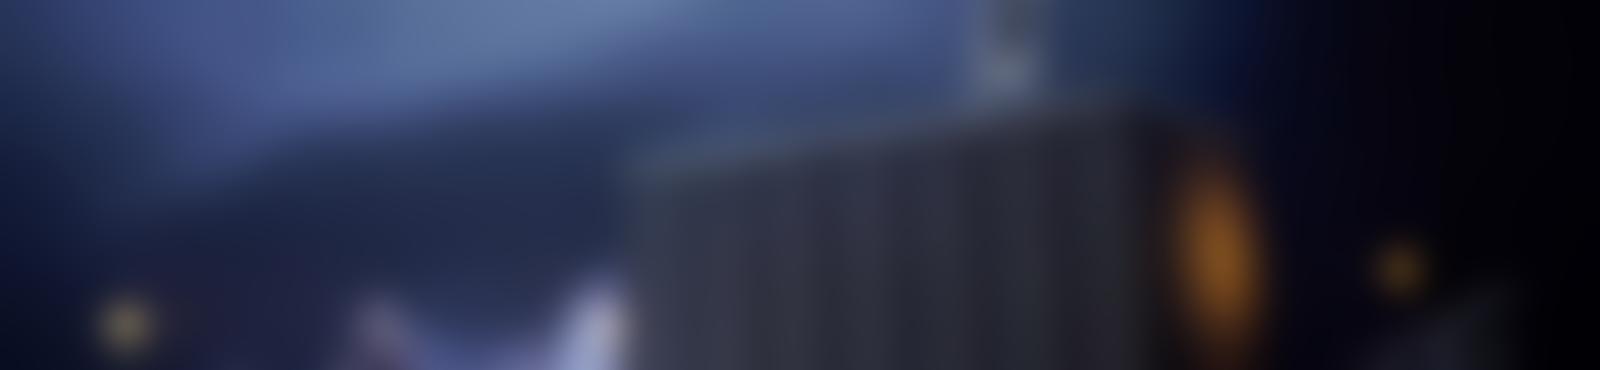 Blurred 354dfb91 ea95 4e4b 84b9 8e112ccb5e93